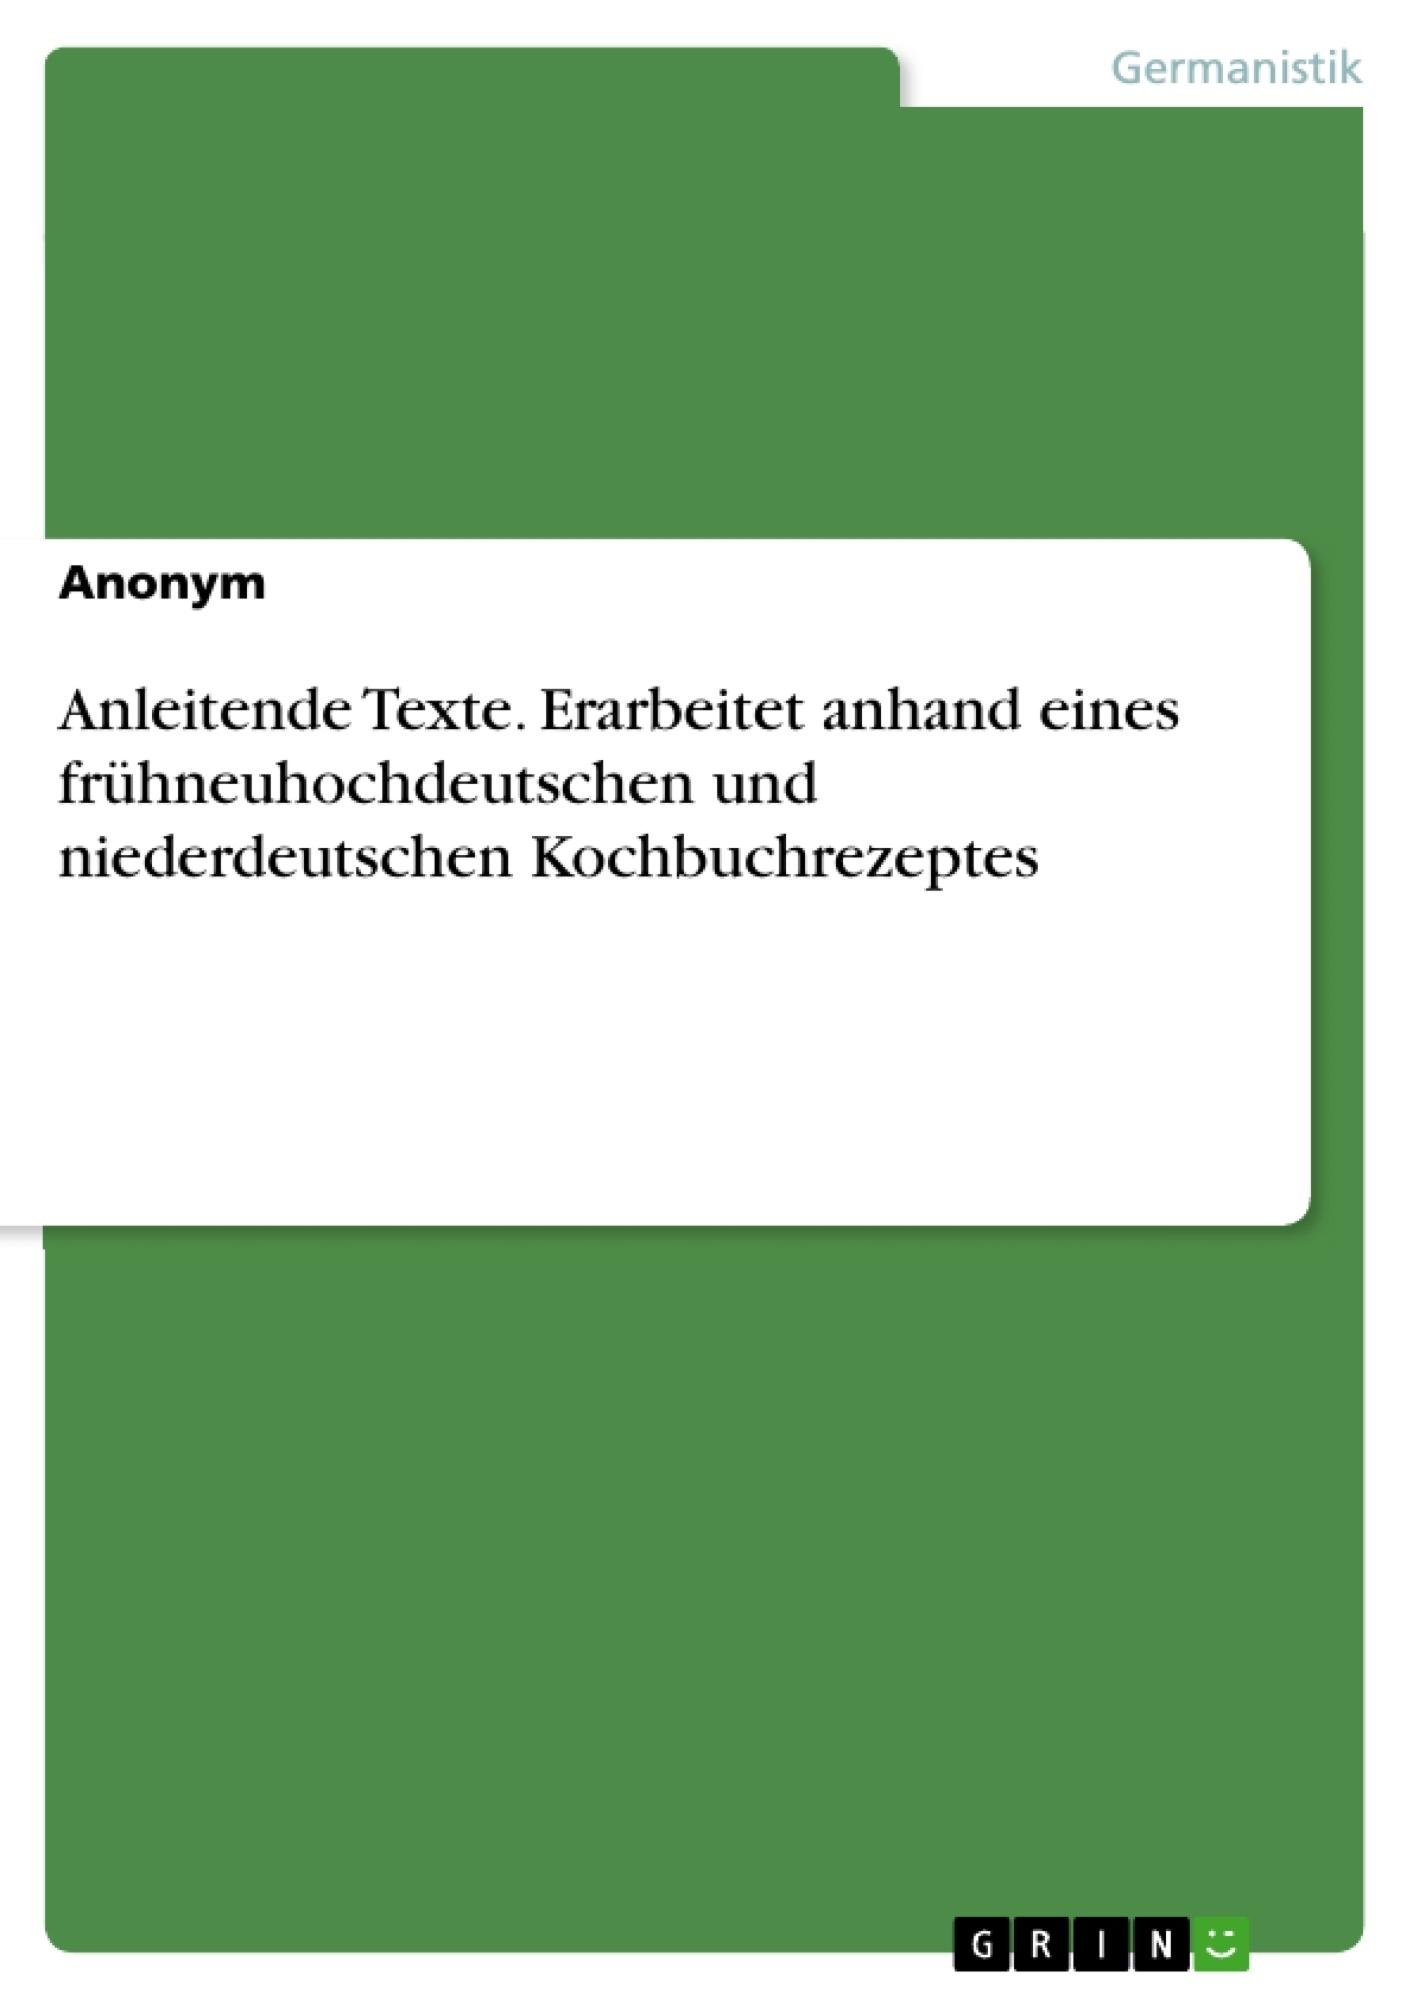 Titel: Anleitende Texte. Erarbeitet anhand eines frühneuhochdeutschen und niederdeutschen Kochbuchrezeptes